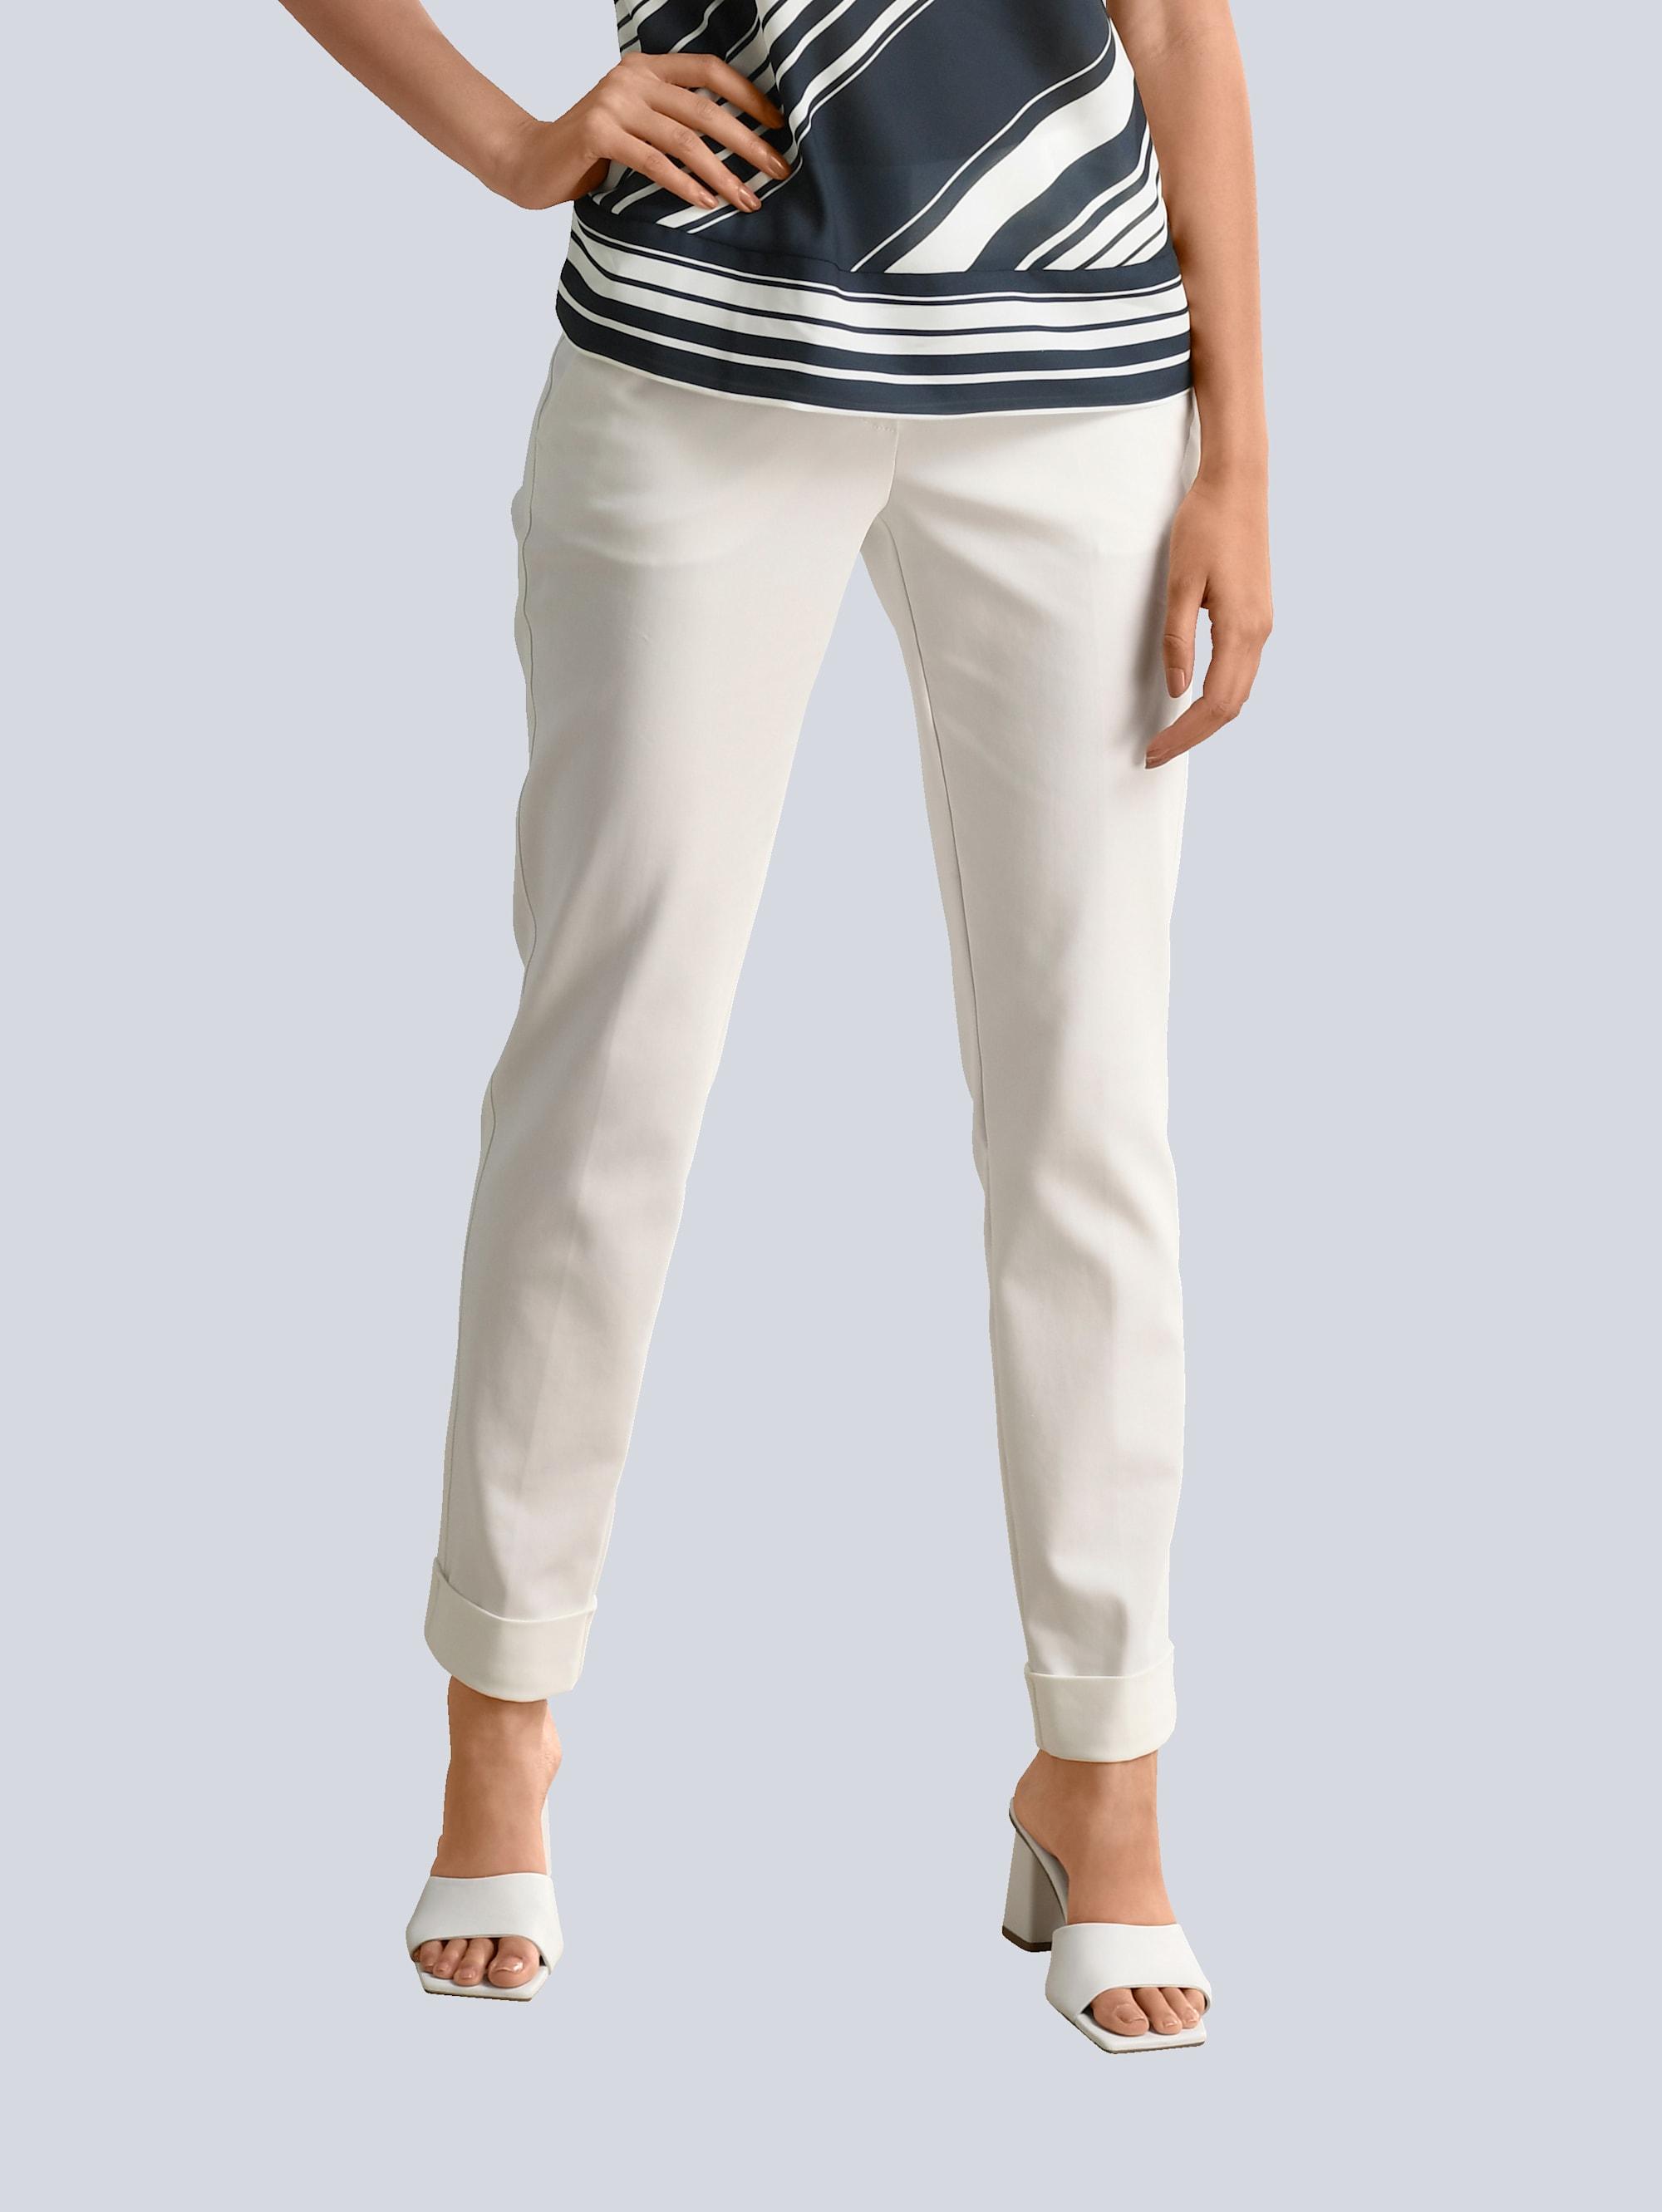 alba moda -  Bundfaltenhose, mit etwas höherem Formbund